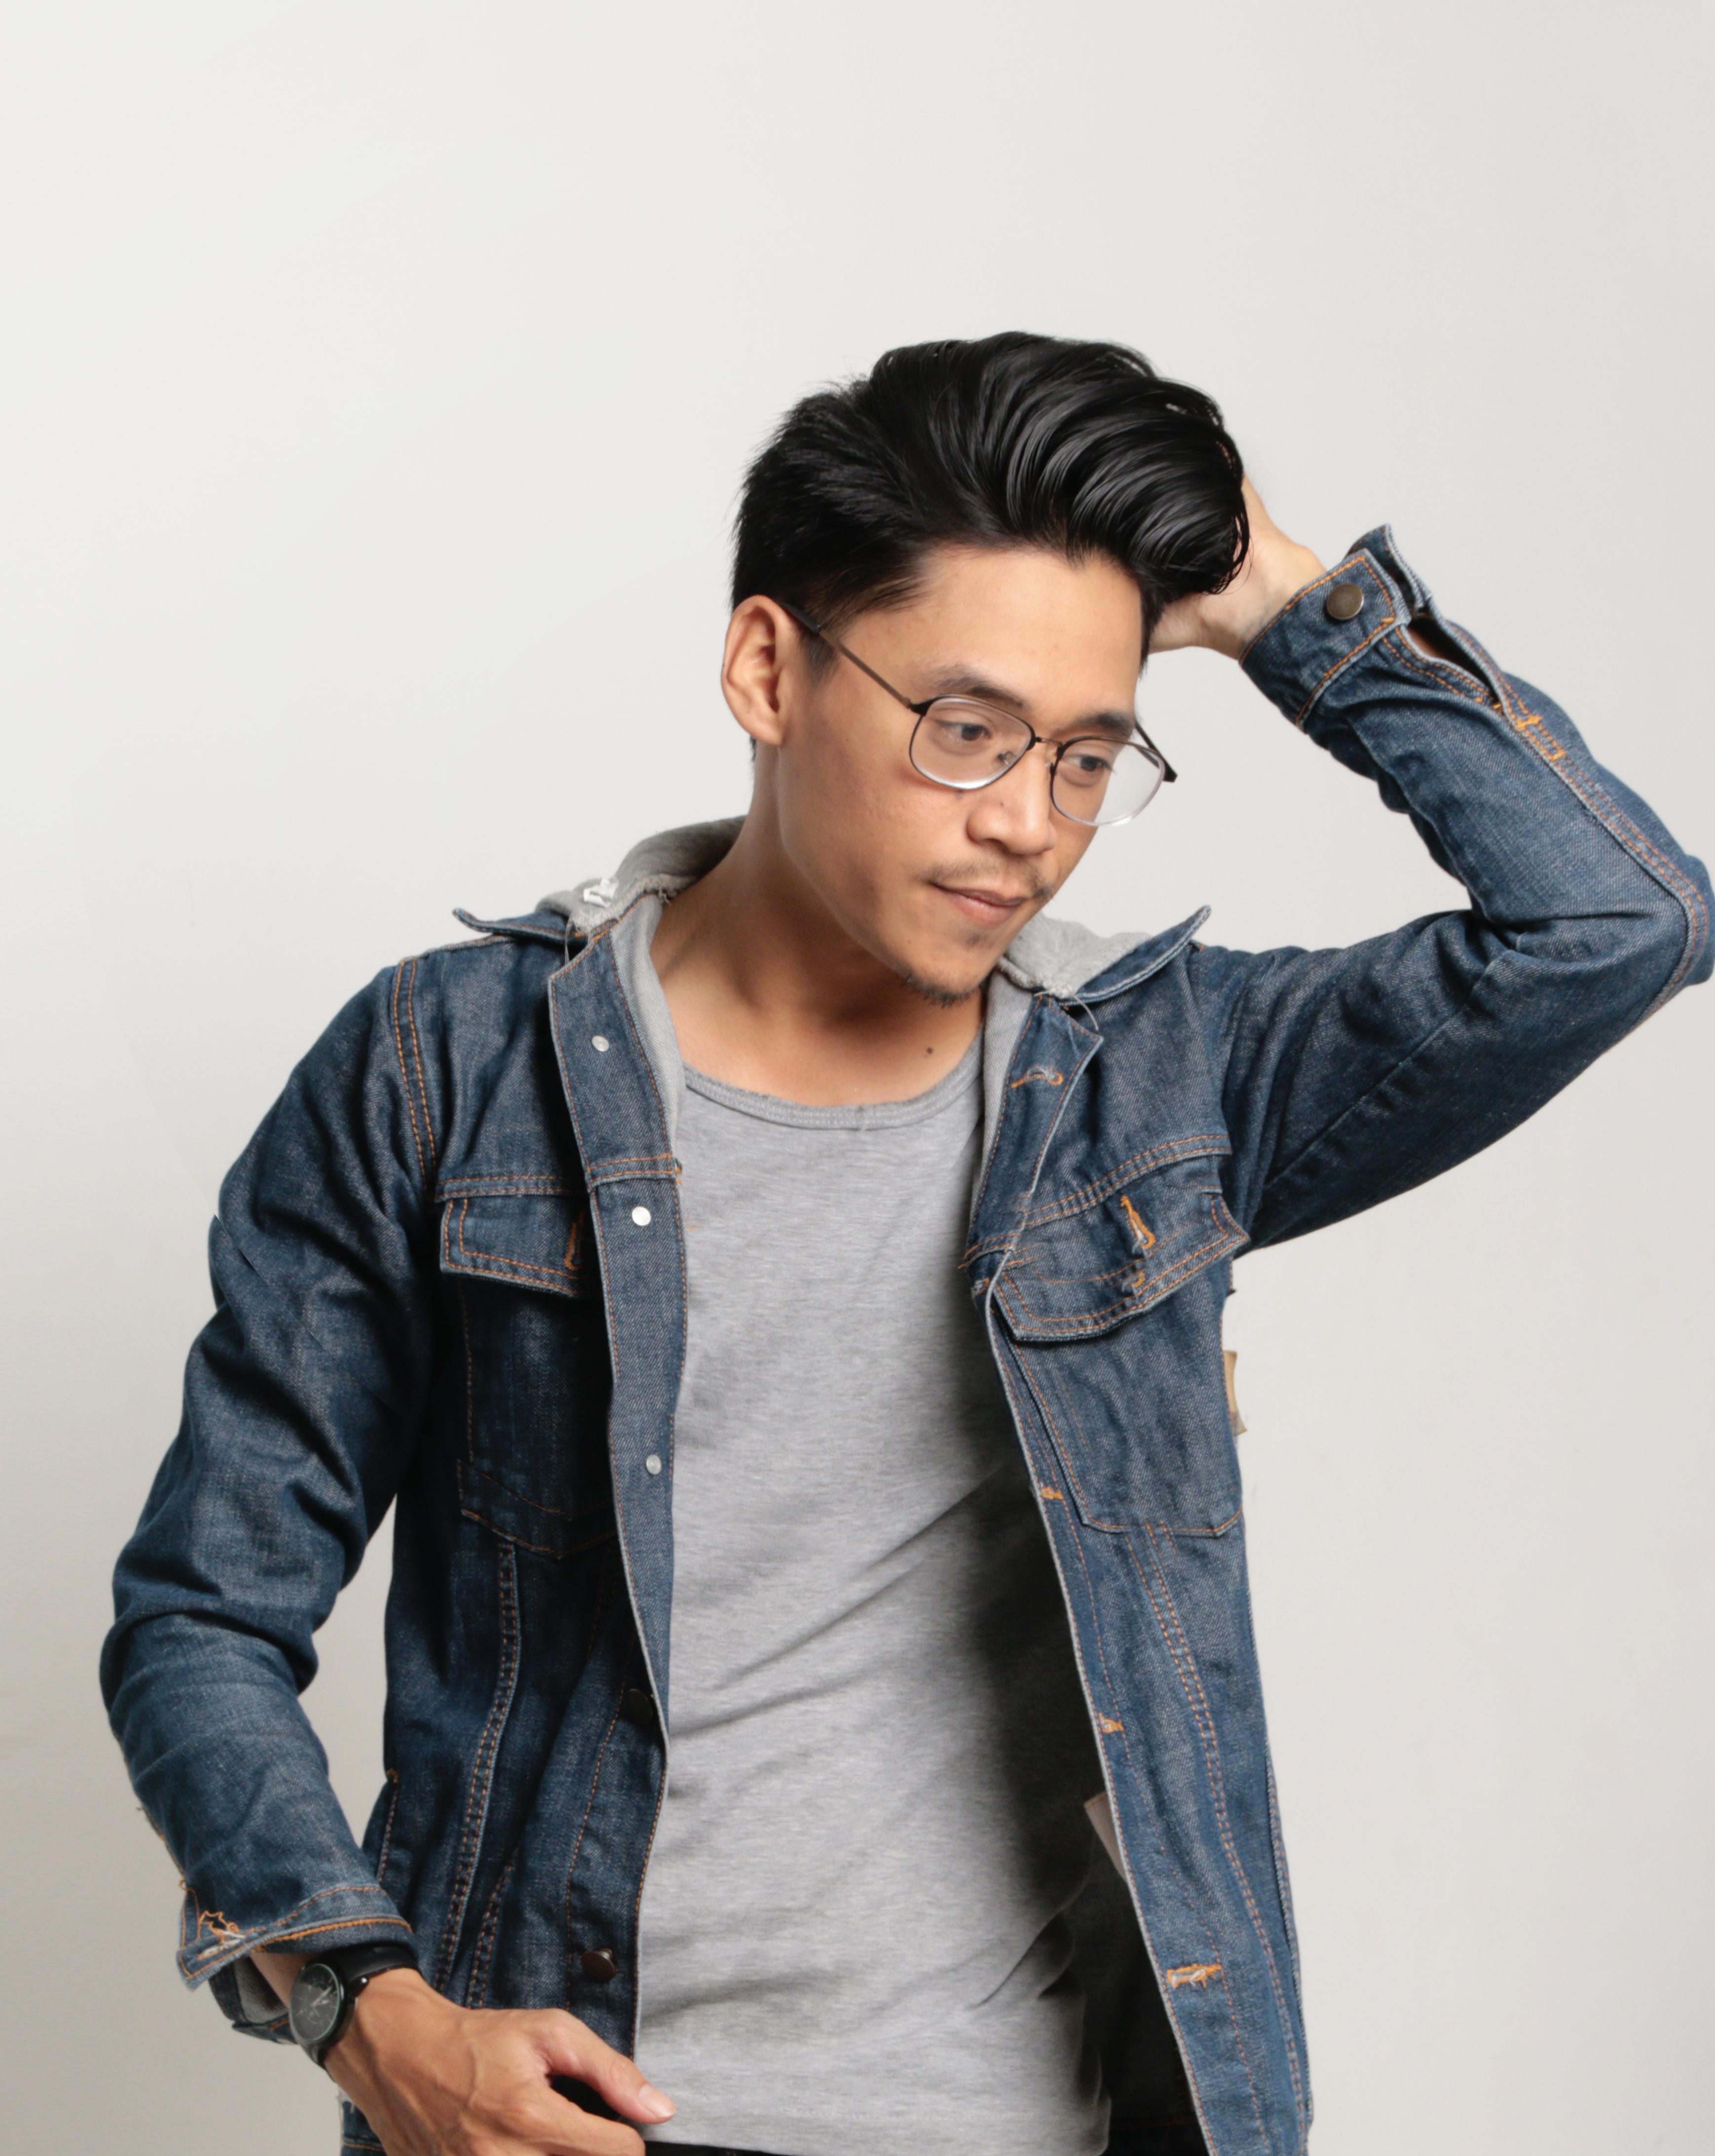 Free Images : model, man, denim, jeans, cool, blue, shoulder